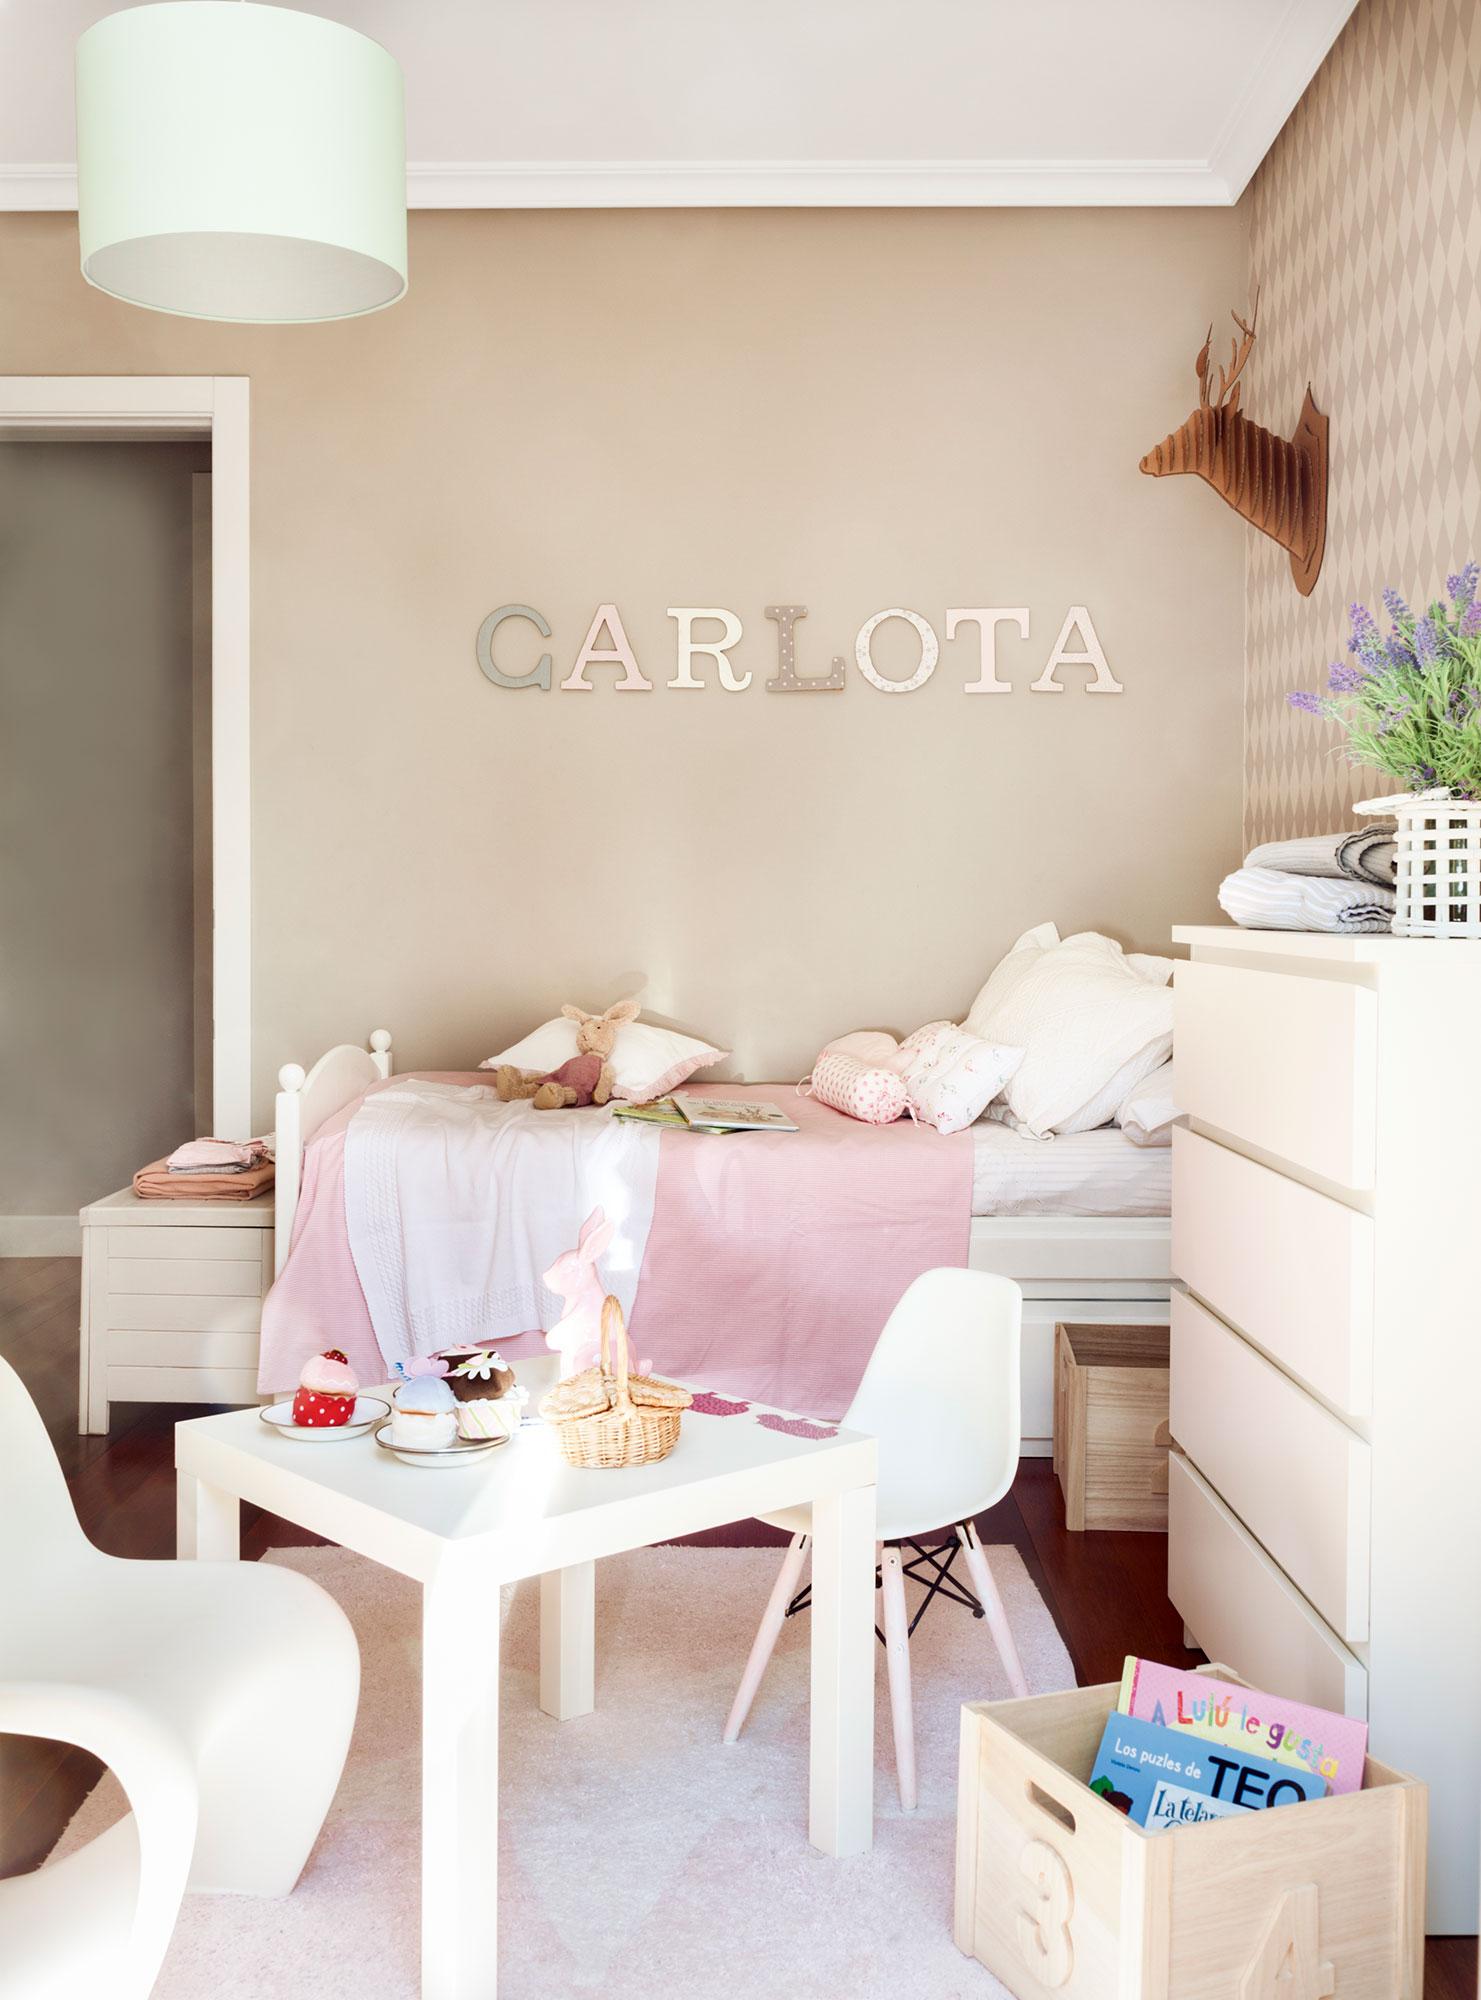 Dormitorio infantil con papel pintado y letras en la pared con el nombre de Carlota. El reino de Carlota